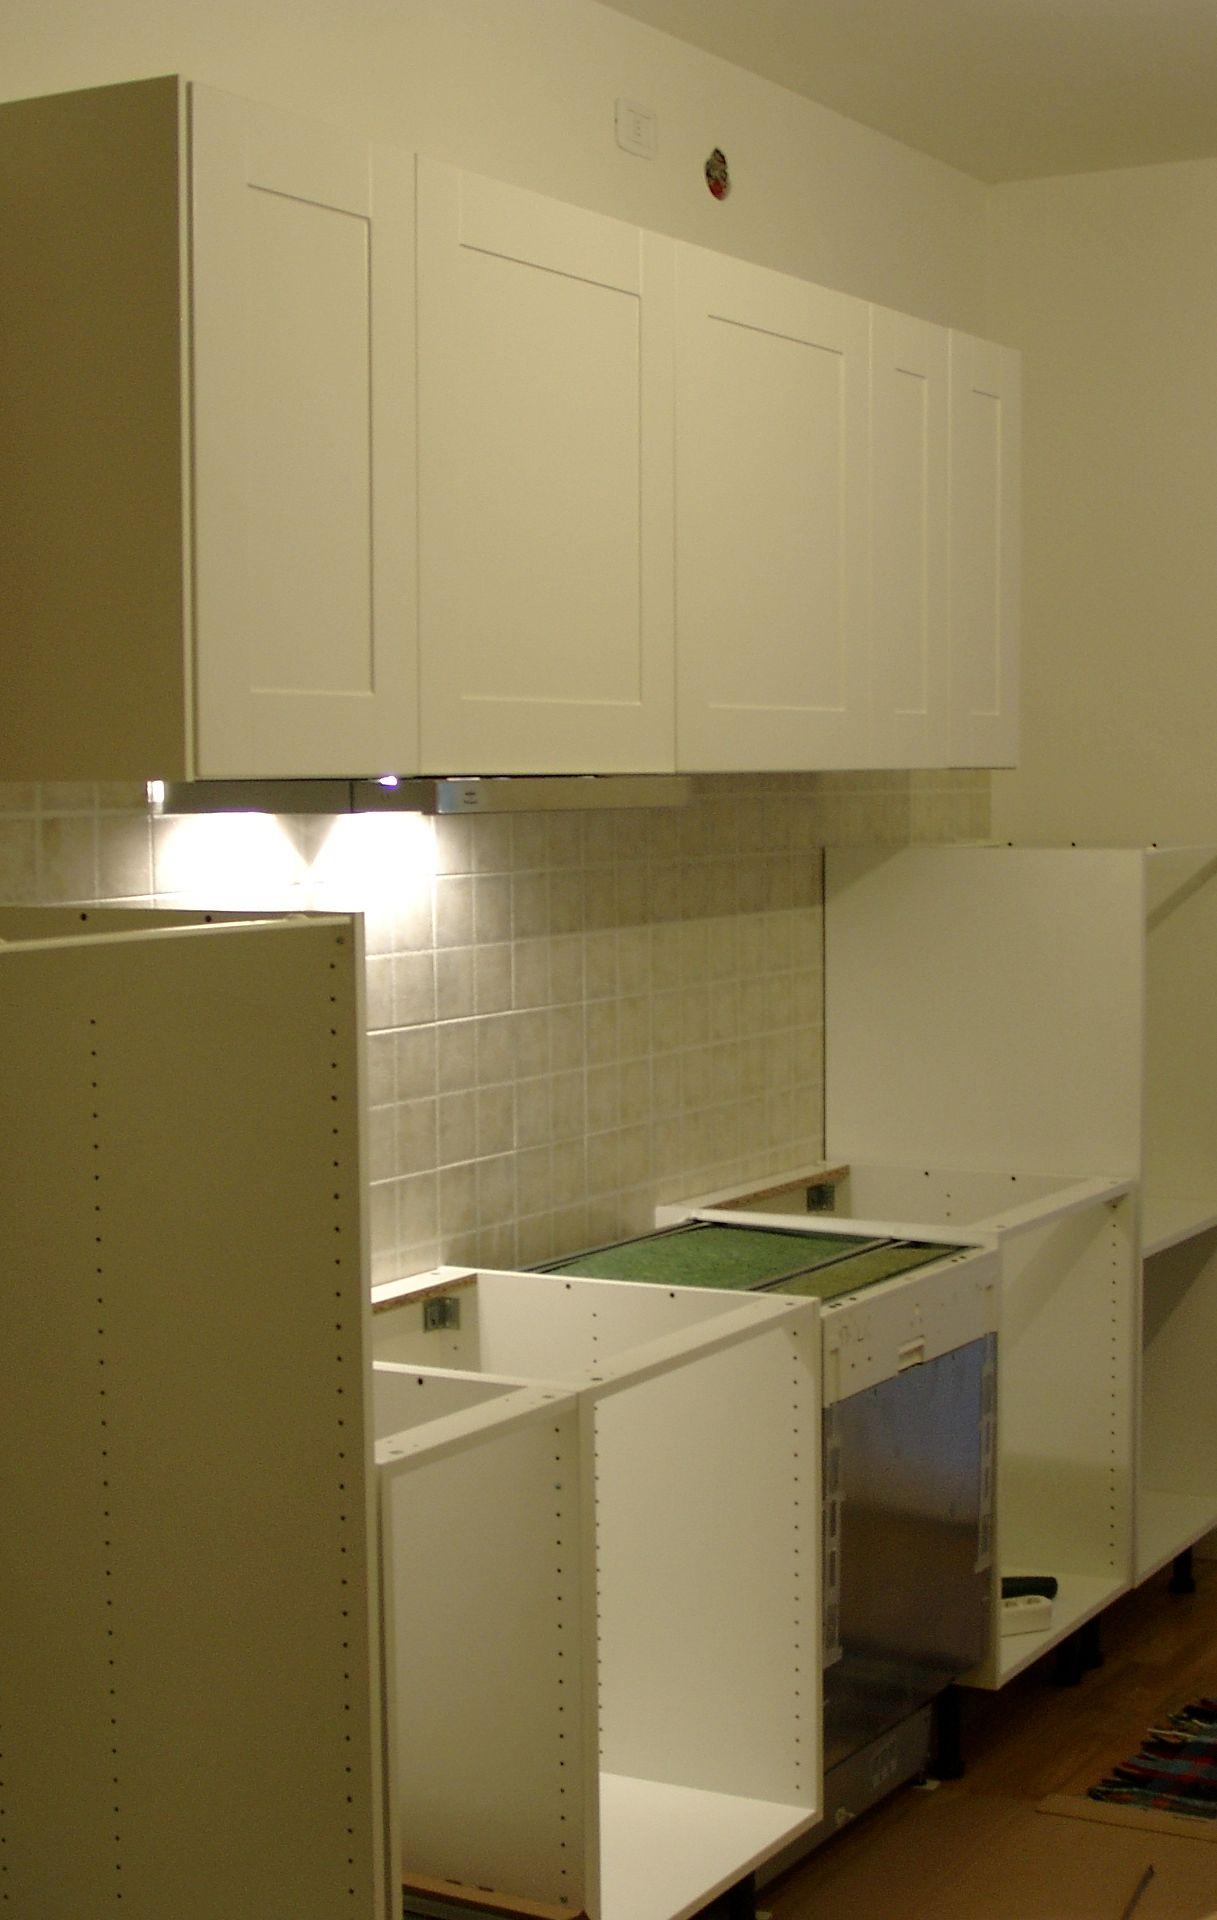 Cucina classica dell\'Ikea - Cucina classica dell\'Ikea - Supereva